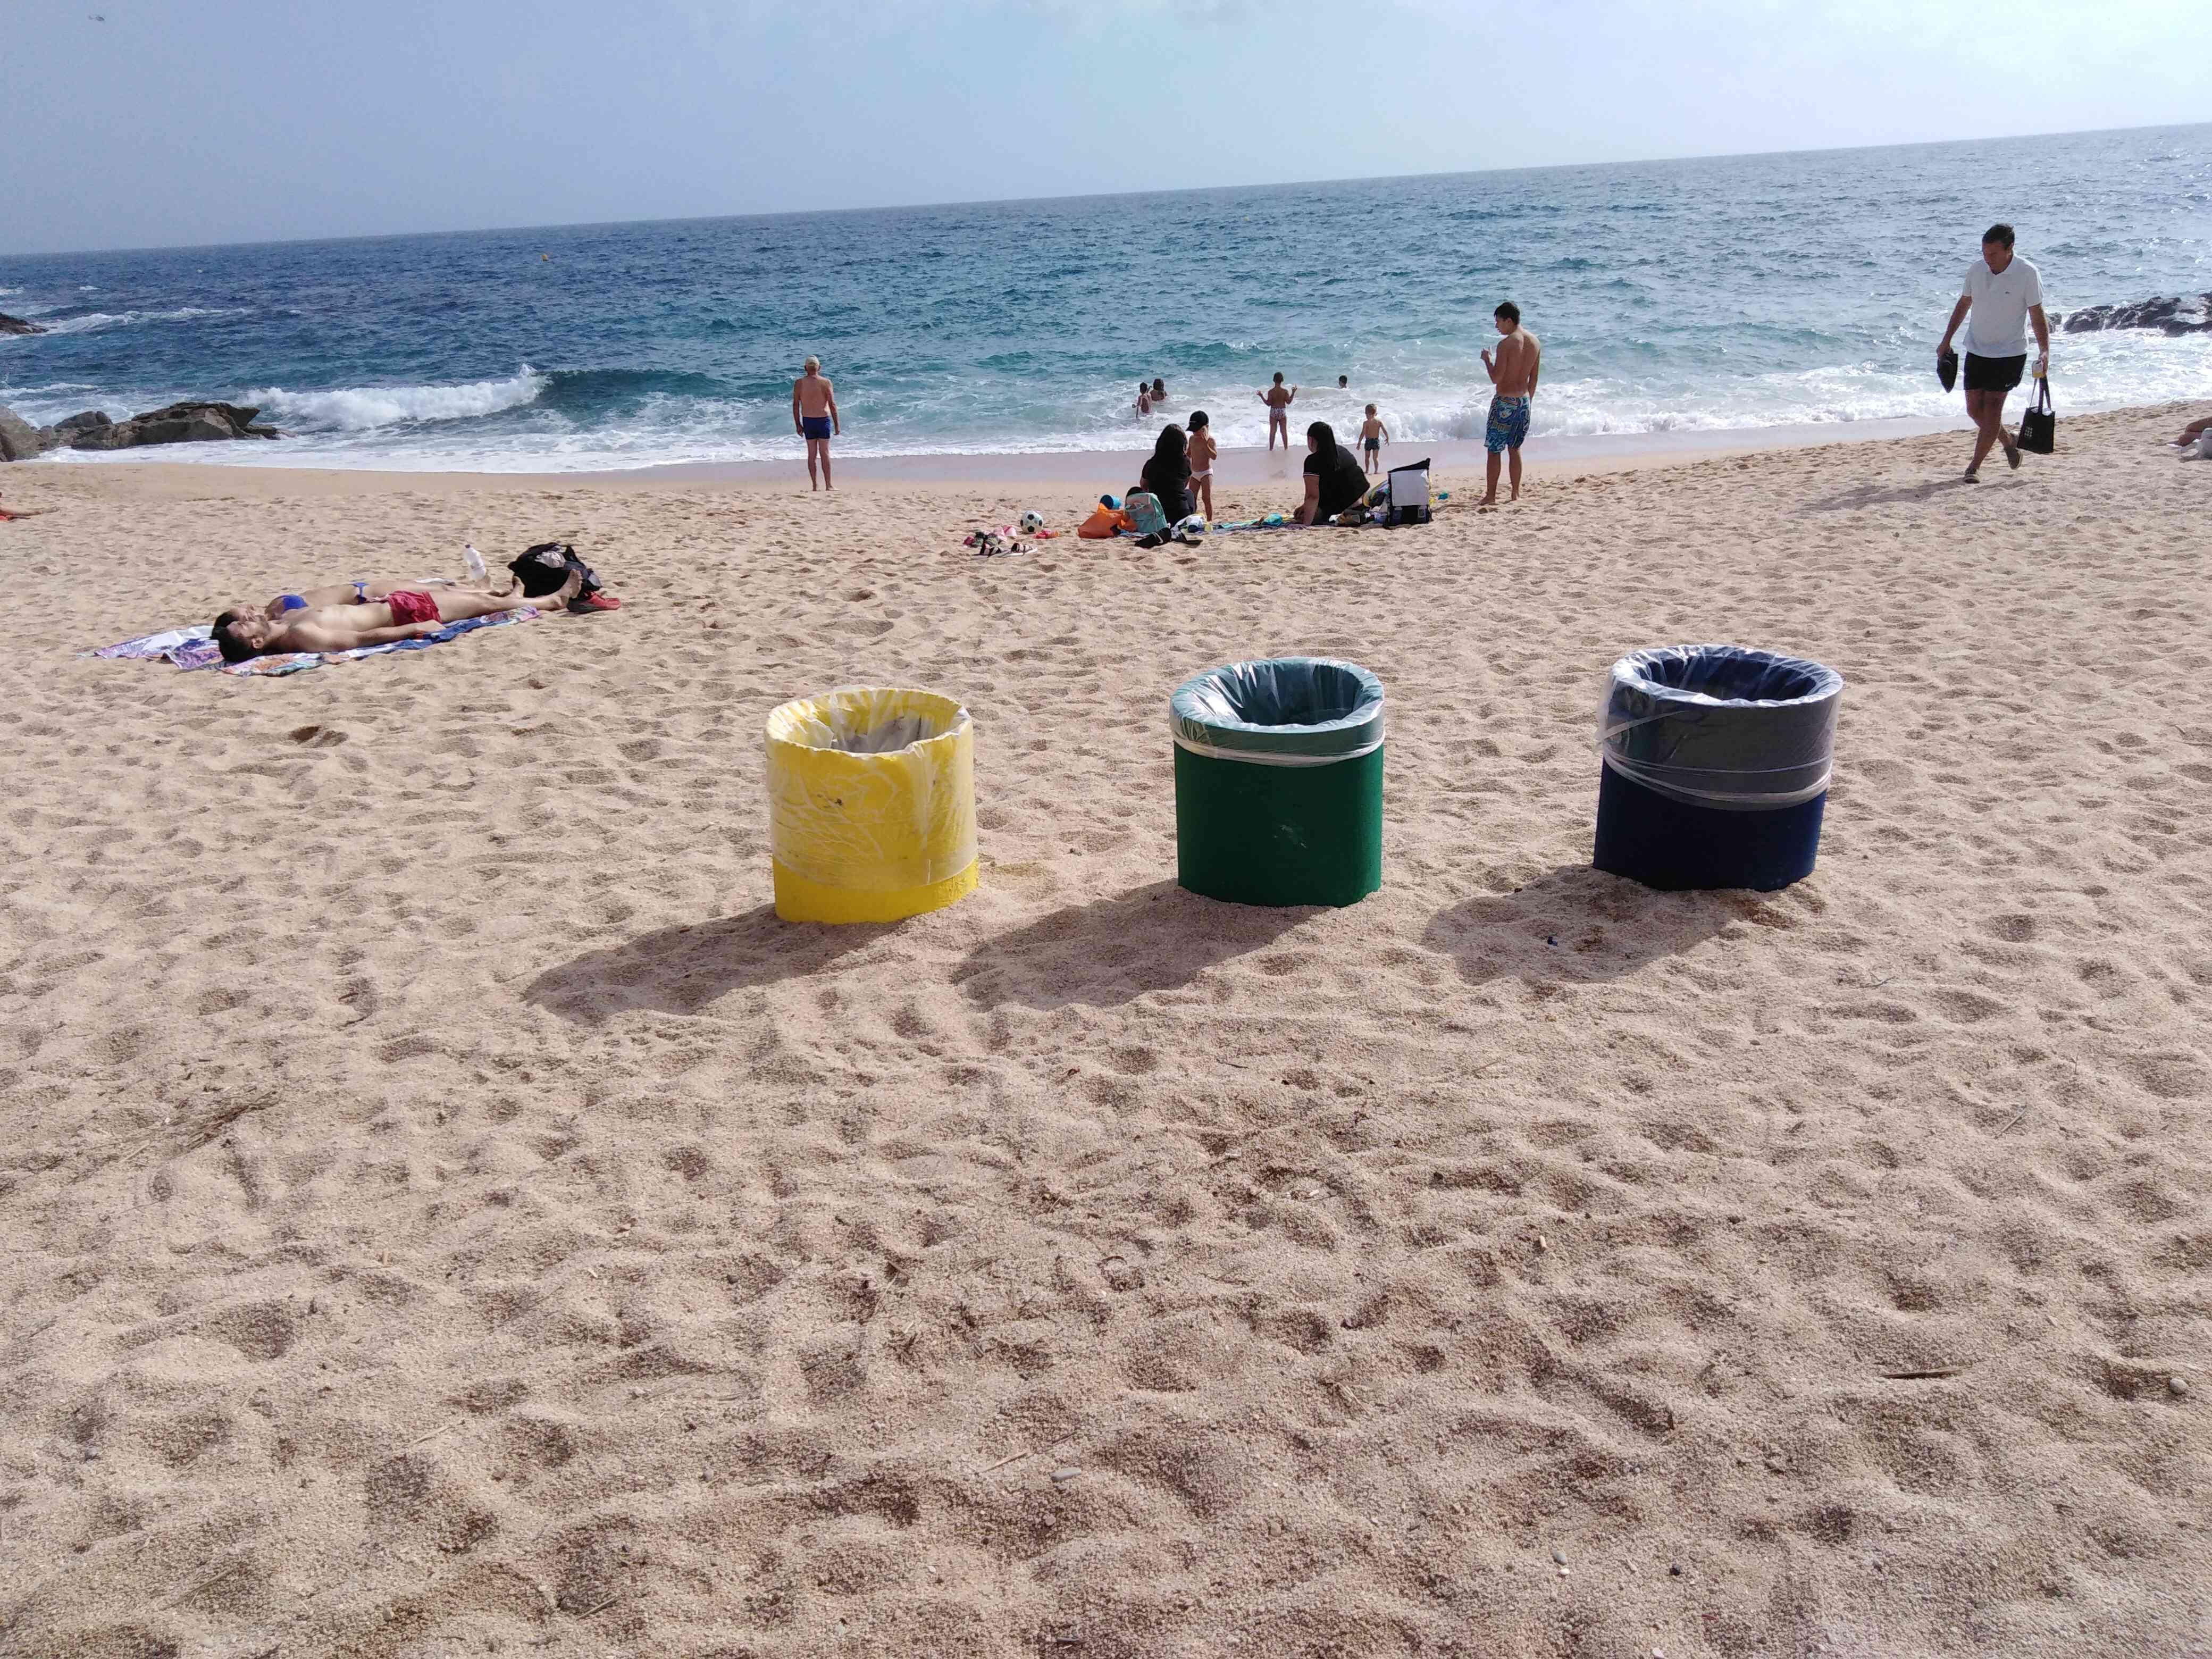 zbiorka smieci hiszpania - Zbiórka odpadów w Hiszpanii